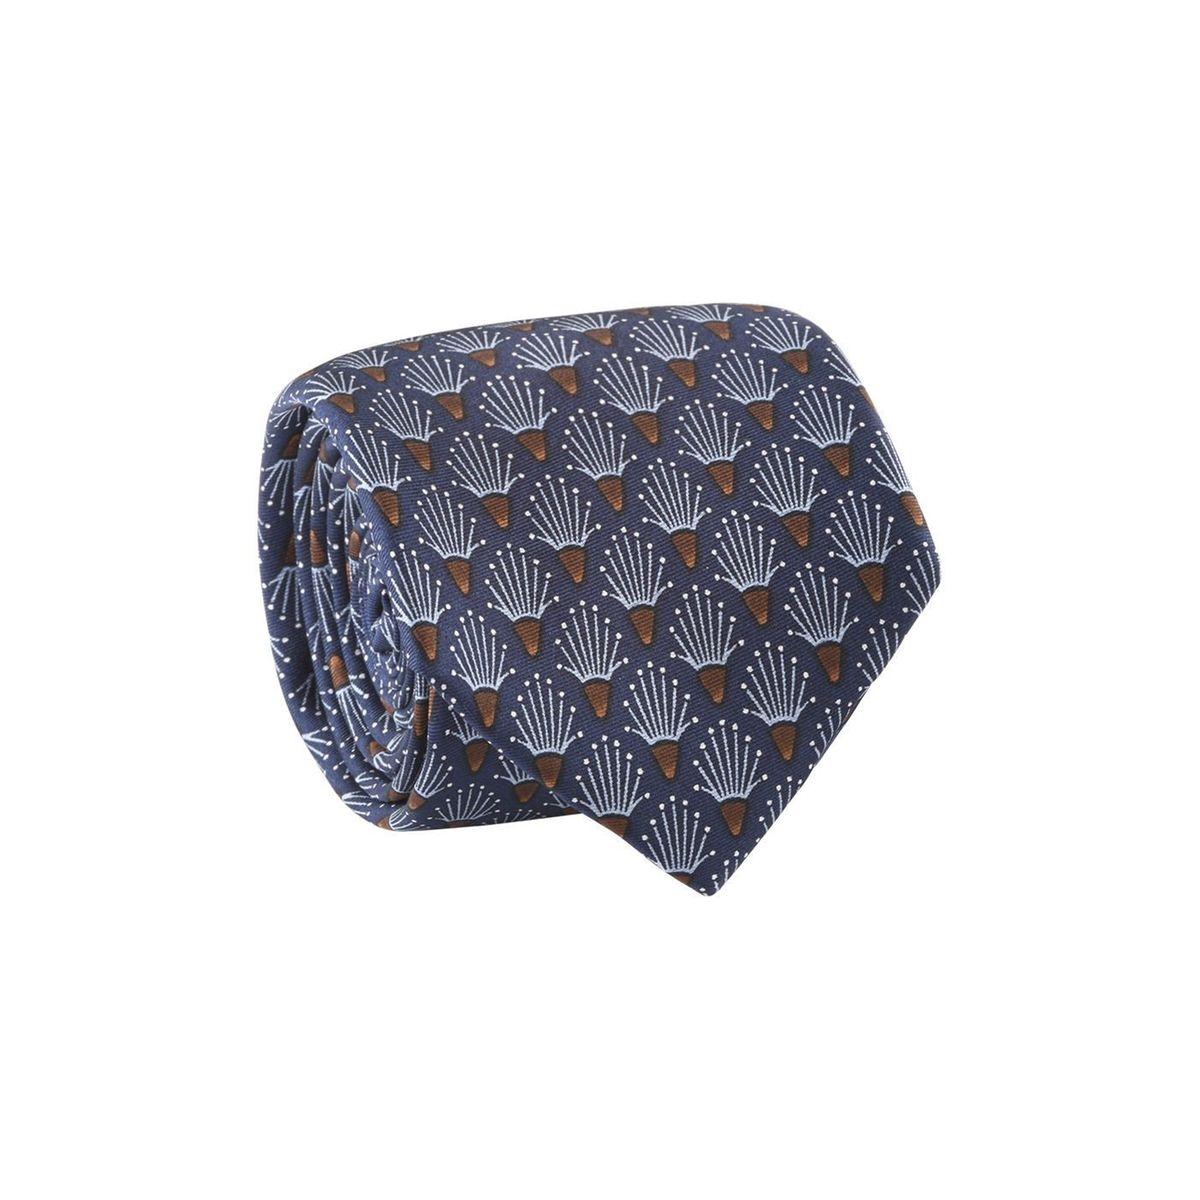 Cravate homme motif japonais Bleu marine / Bleu ciel